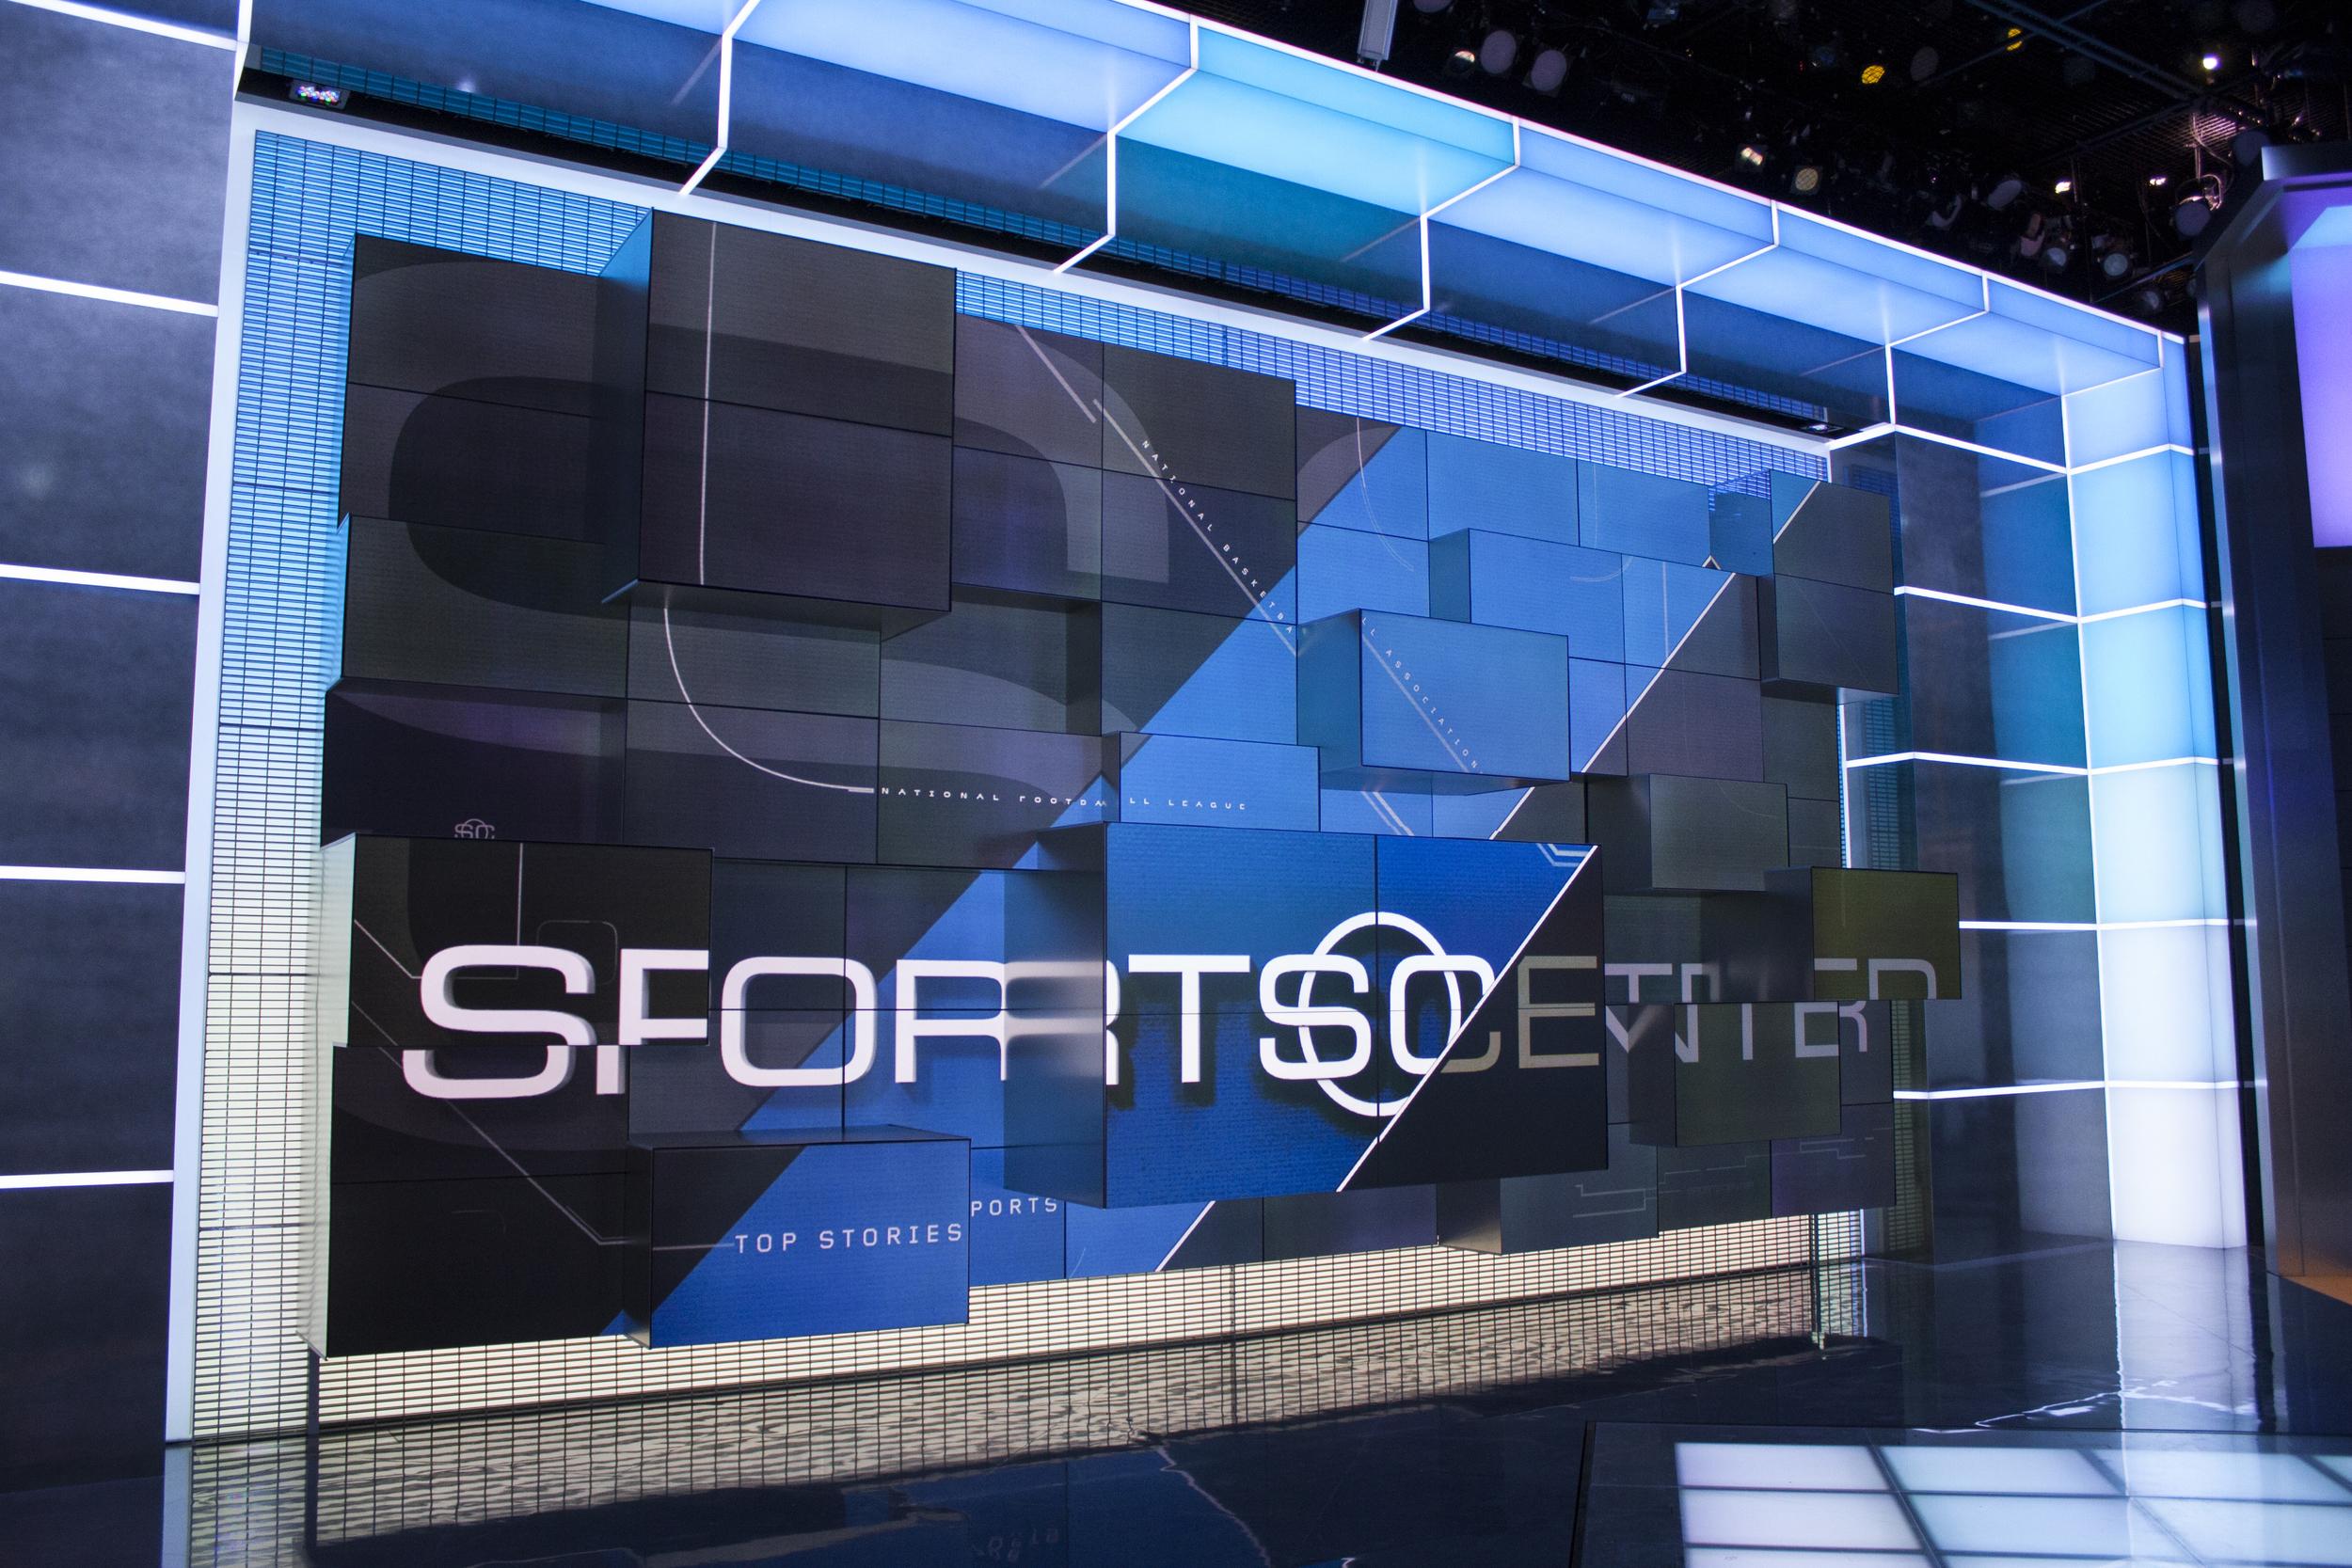 ESPN Sportcenter. Fully Energy Efficient LED Studio,2014 -  VisitPortfolio